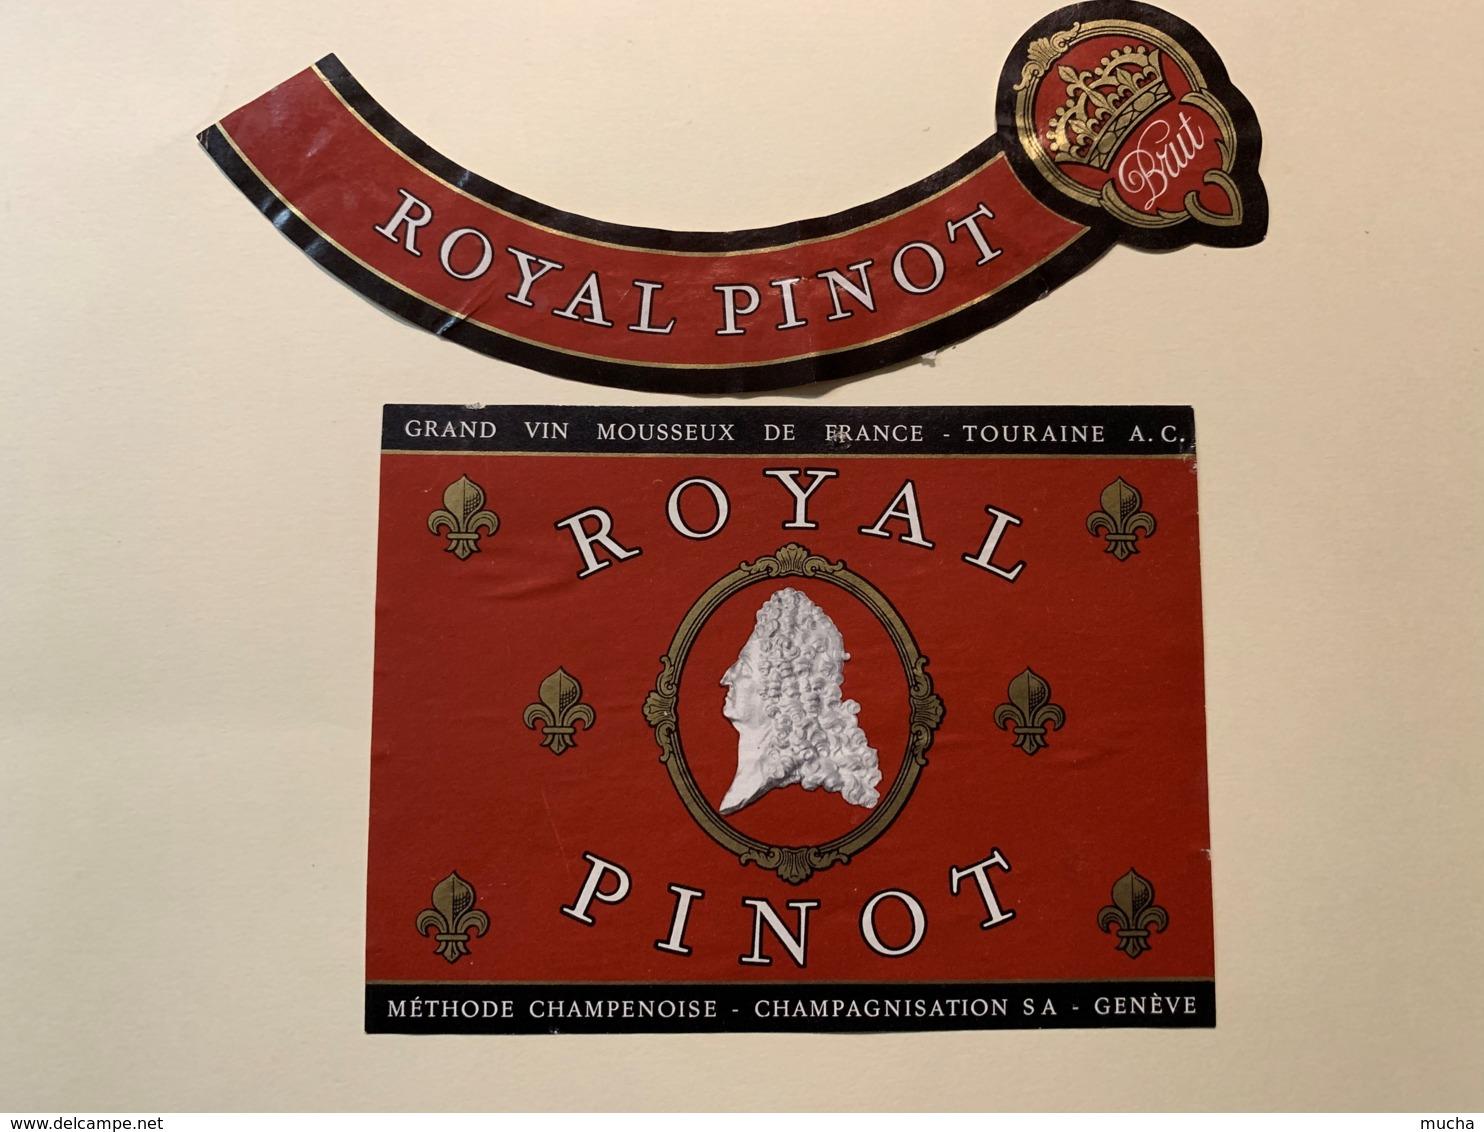 9291 - Grand Vin Mousseux Touraine Royal Pinot - Etiquettes